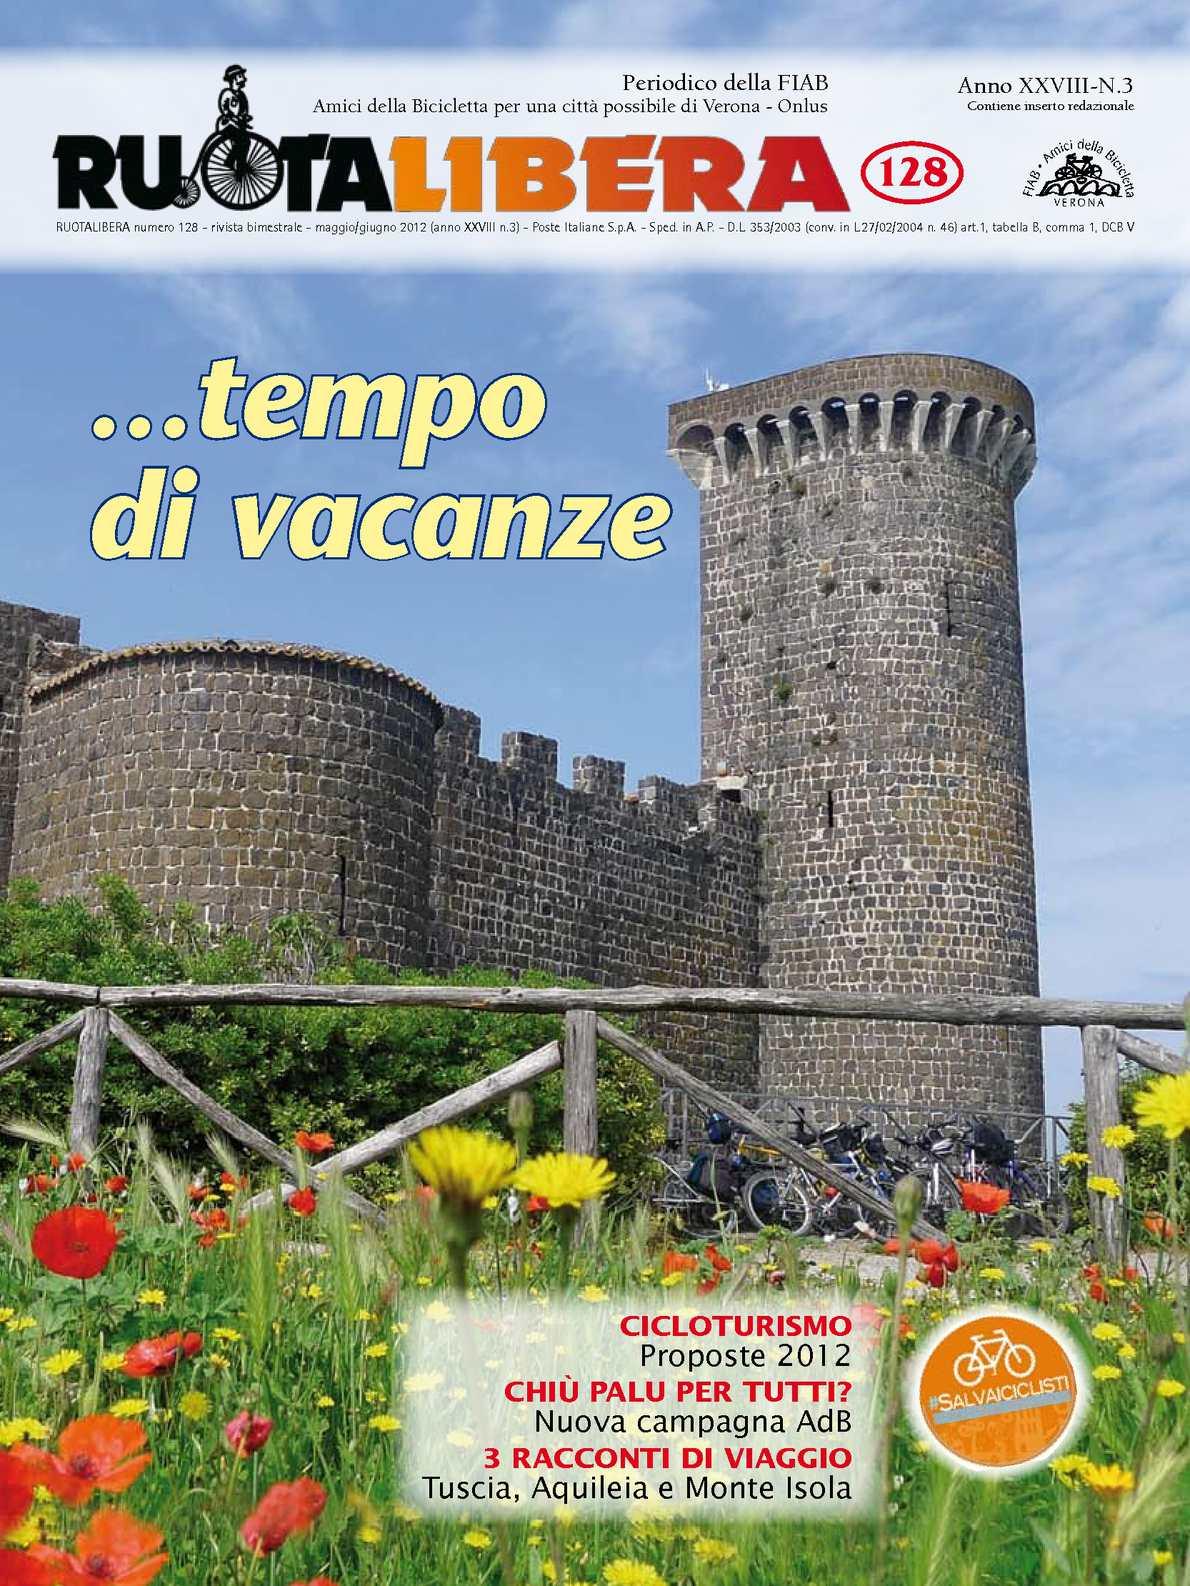 Ruotalibera 128 (maggio/giugno 2012) - FIAB AdB Verona